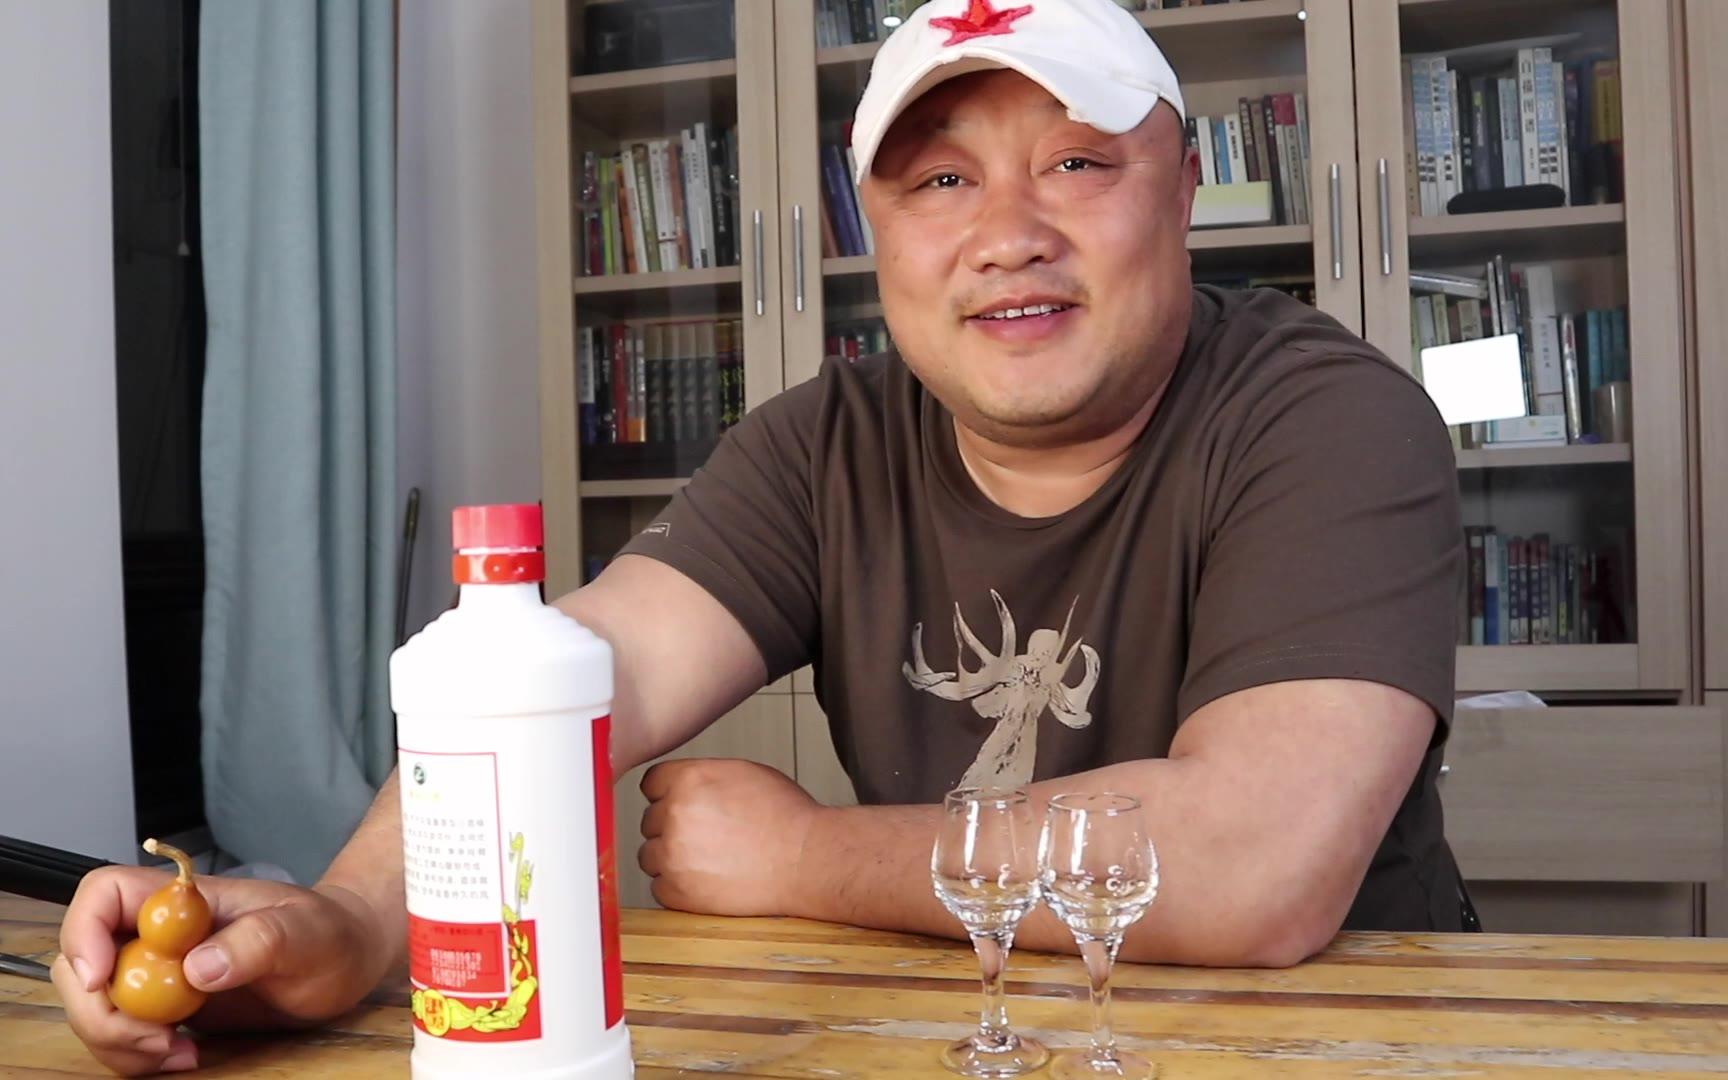 贵州老习酒和山西老白汾能放一起比拼?究竟是啥让老酒鬼如此疯狂